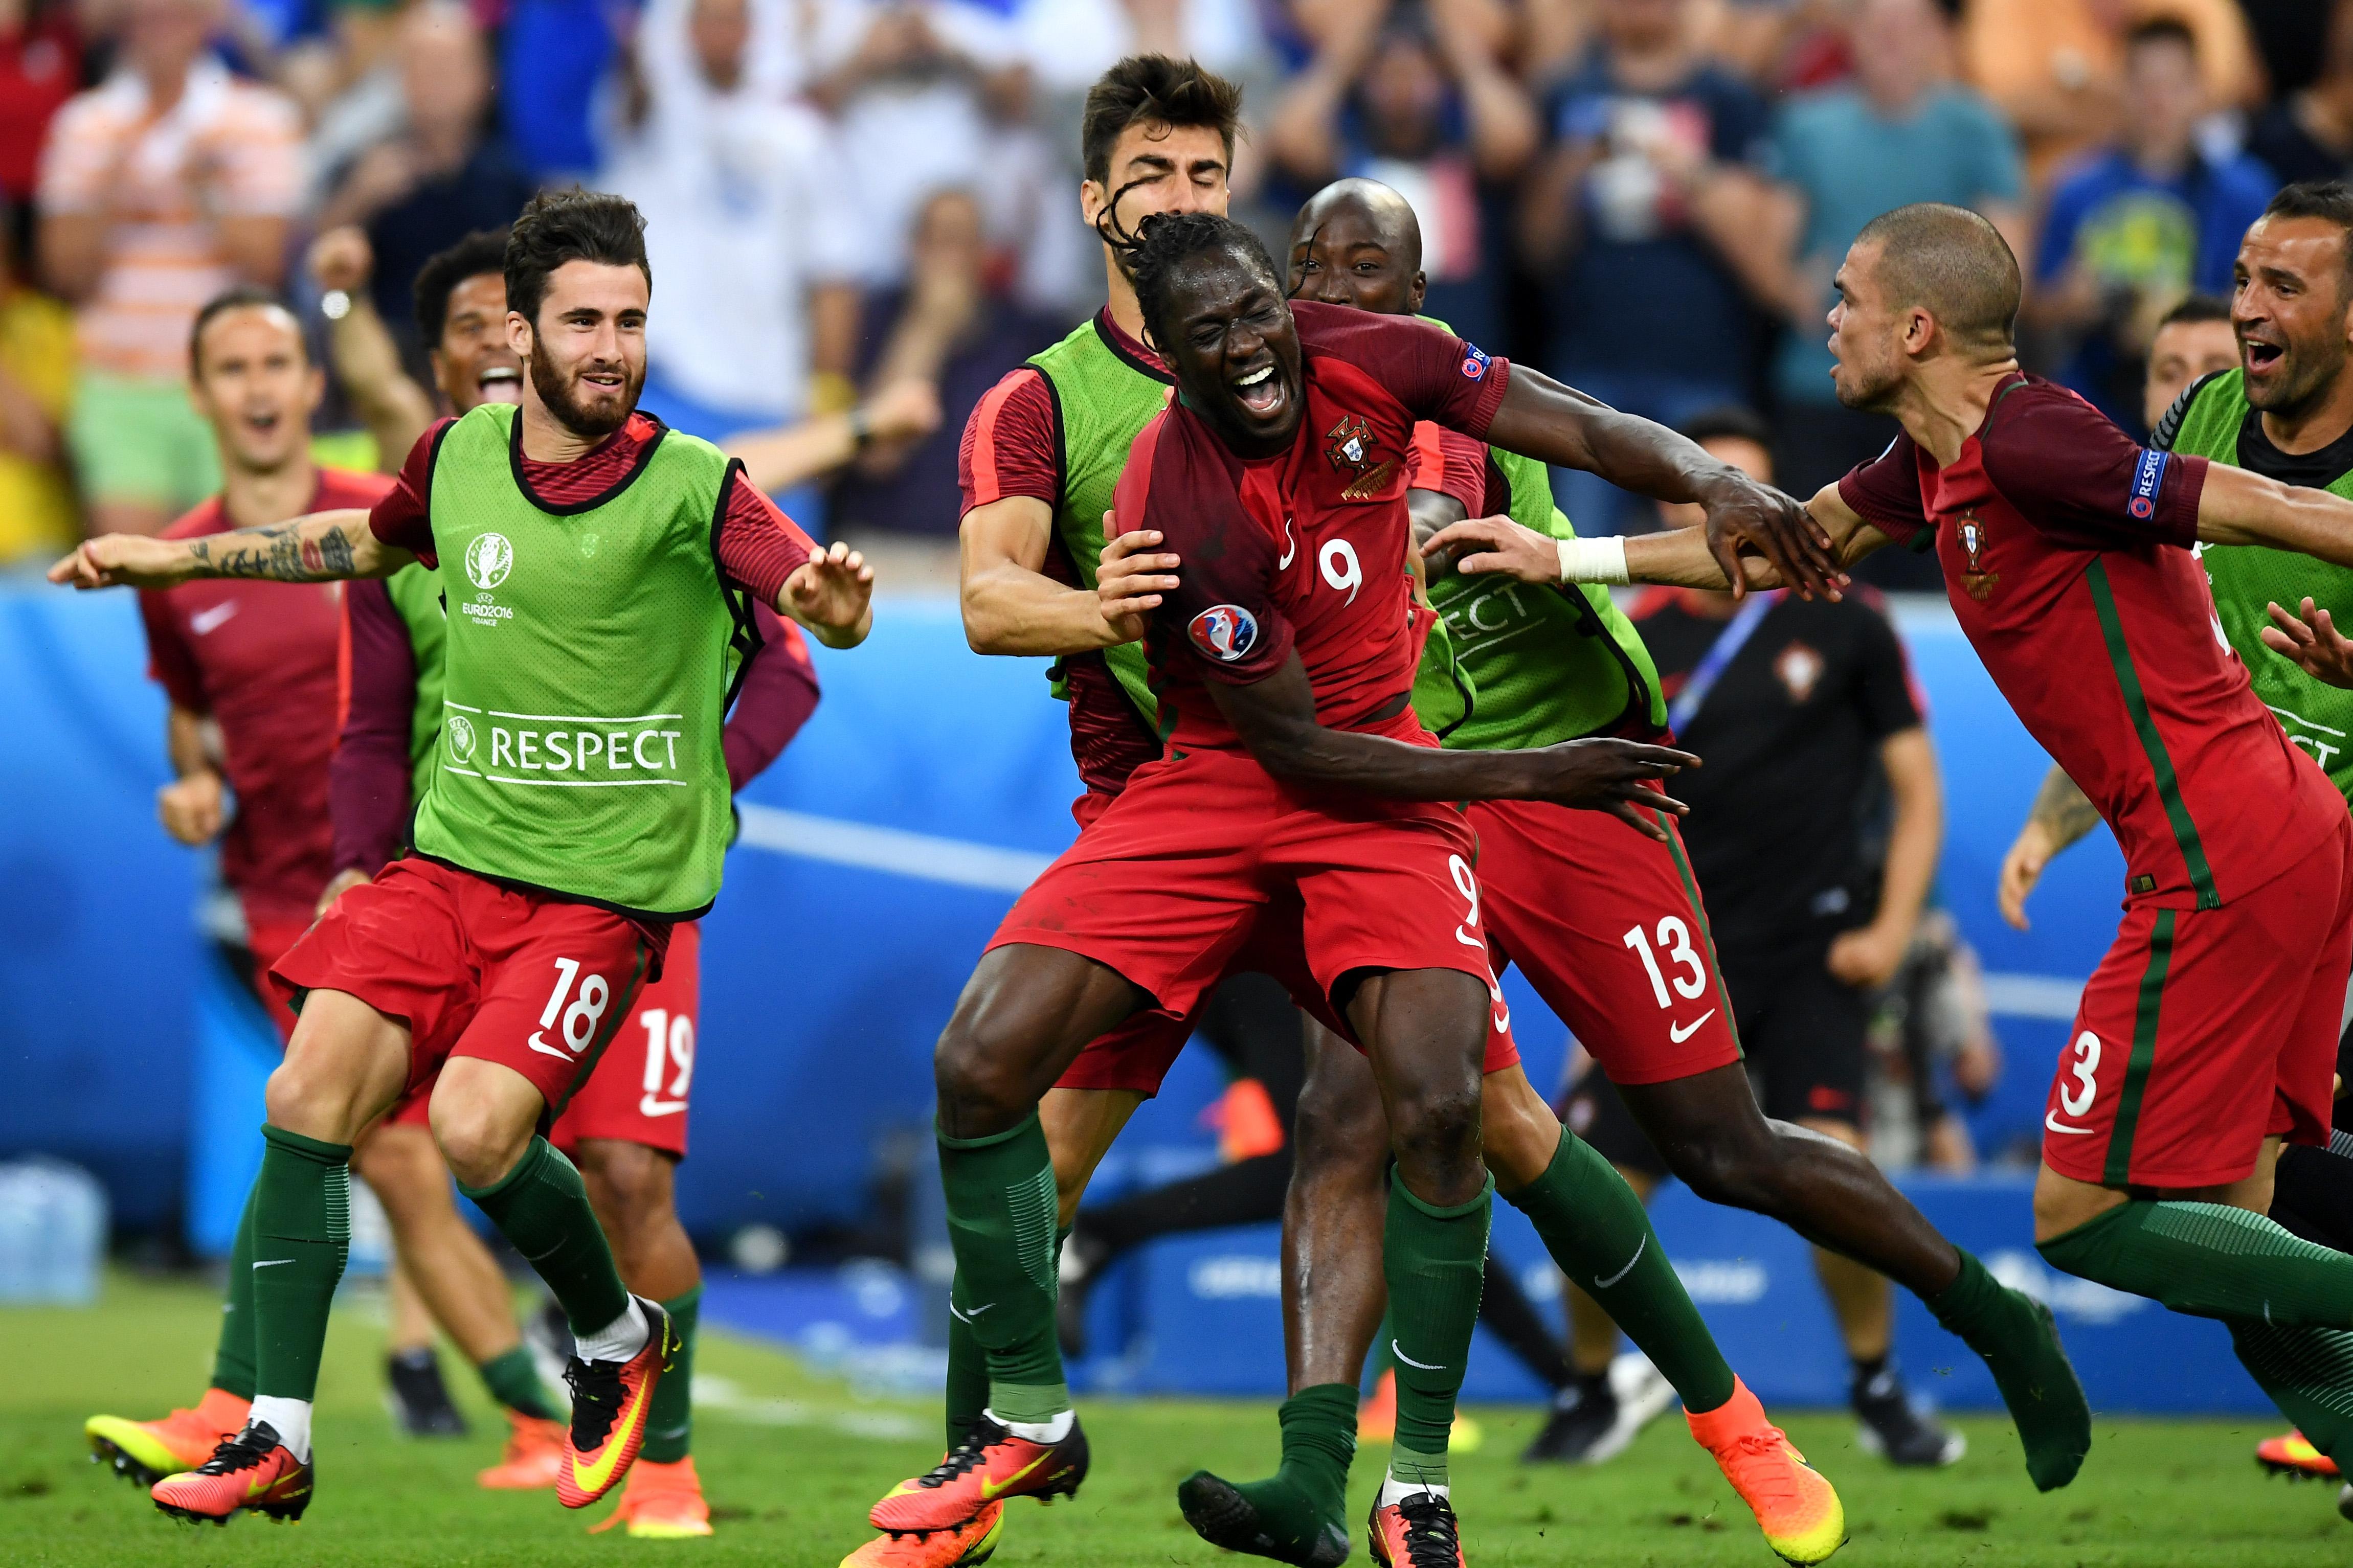 葡萄牙隊替補登場的球員艾達盧比斯進球後欣喜若狂。(Michael Regan/Getty Images)